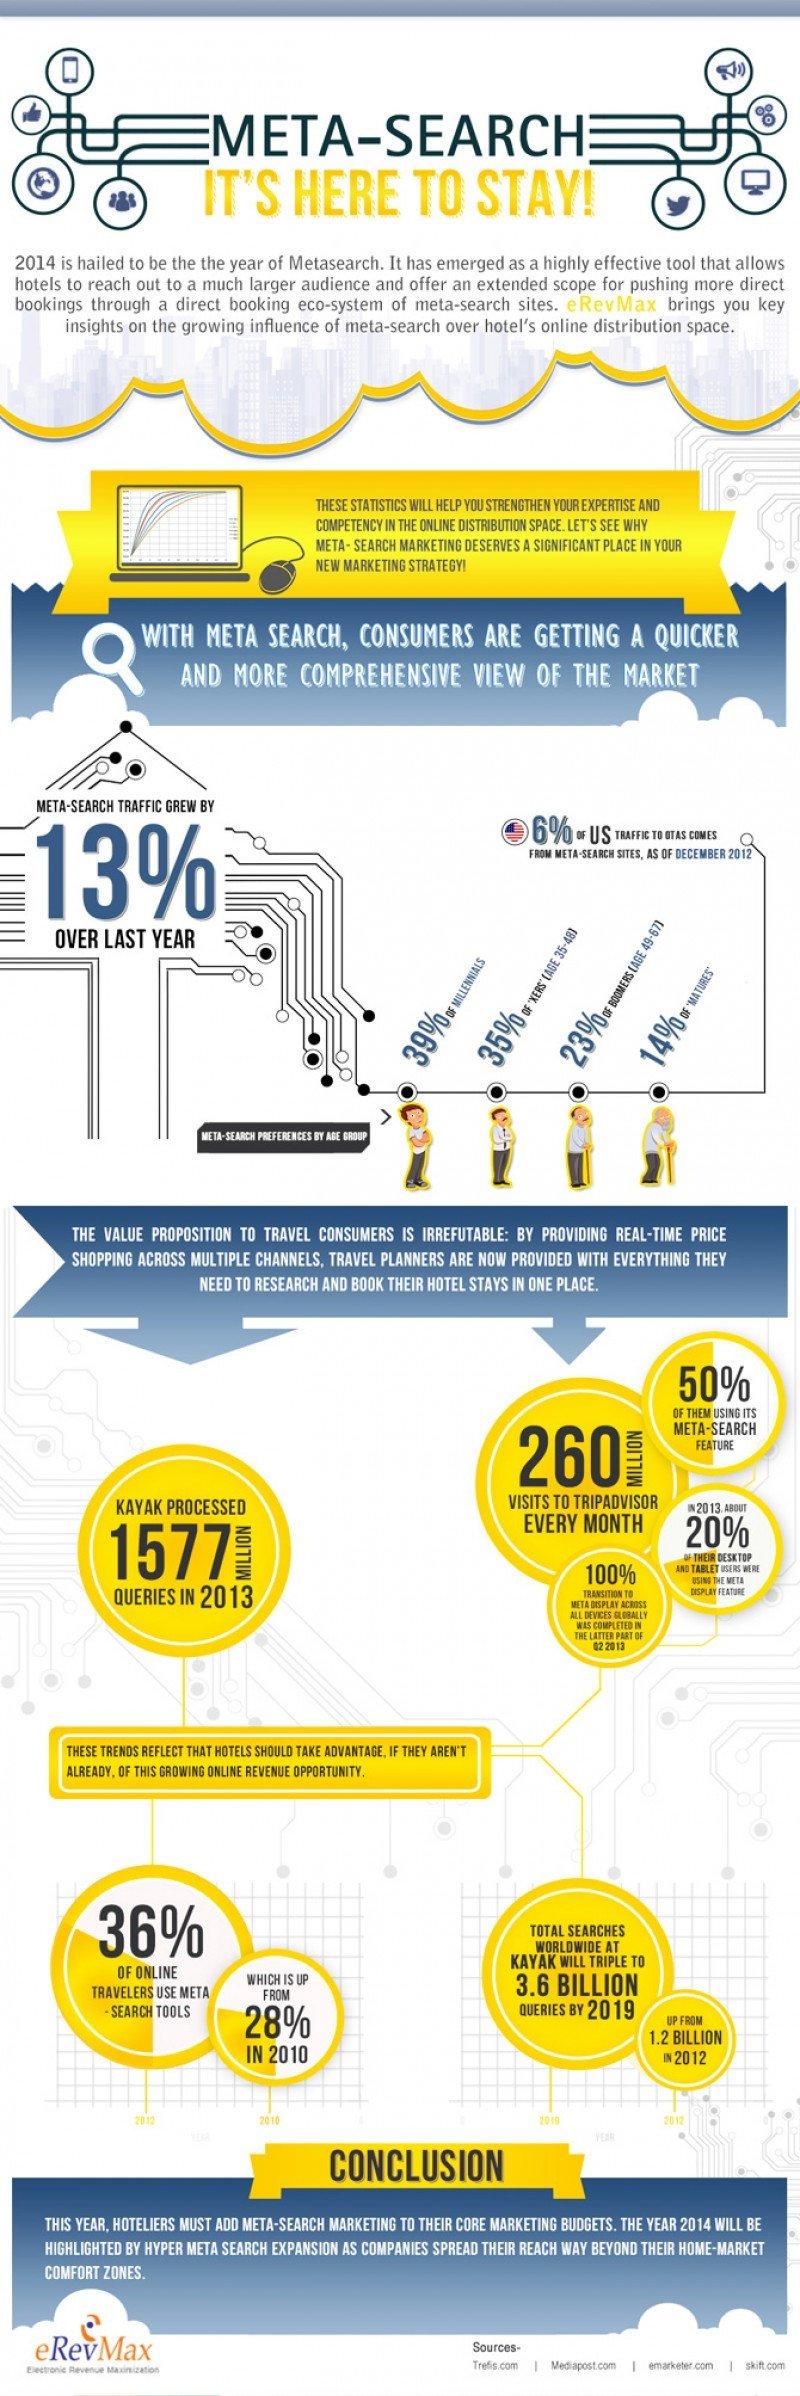 Infografía: Los metabuscadores aumentan su influencia en 2014